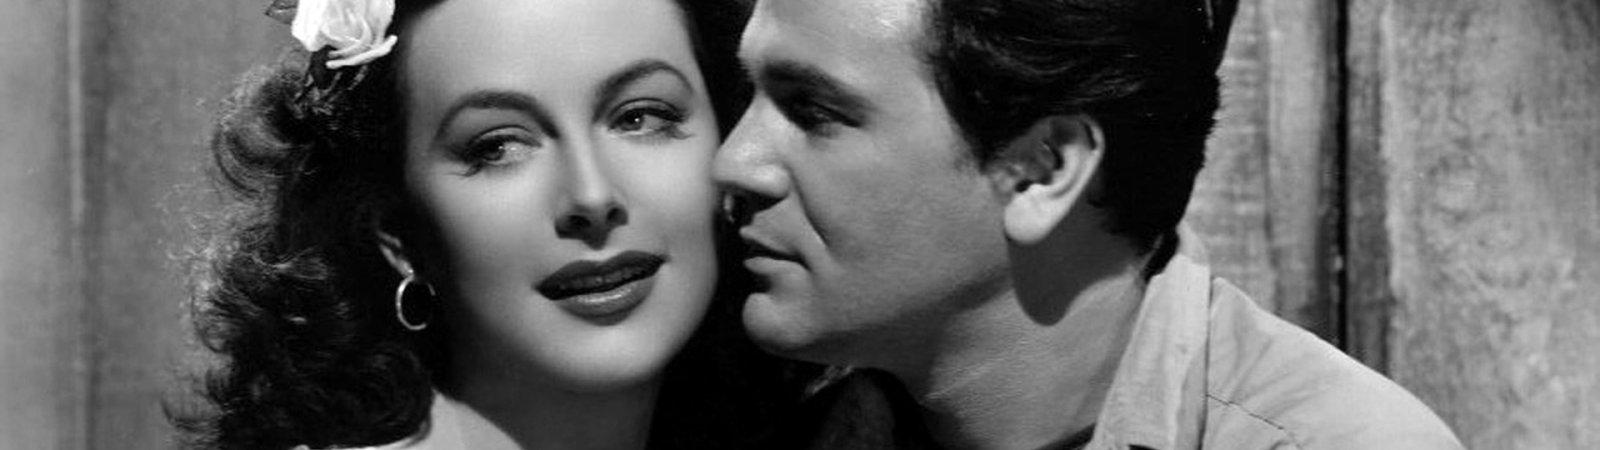 Photo dernier film Hedy Lamarr